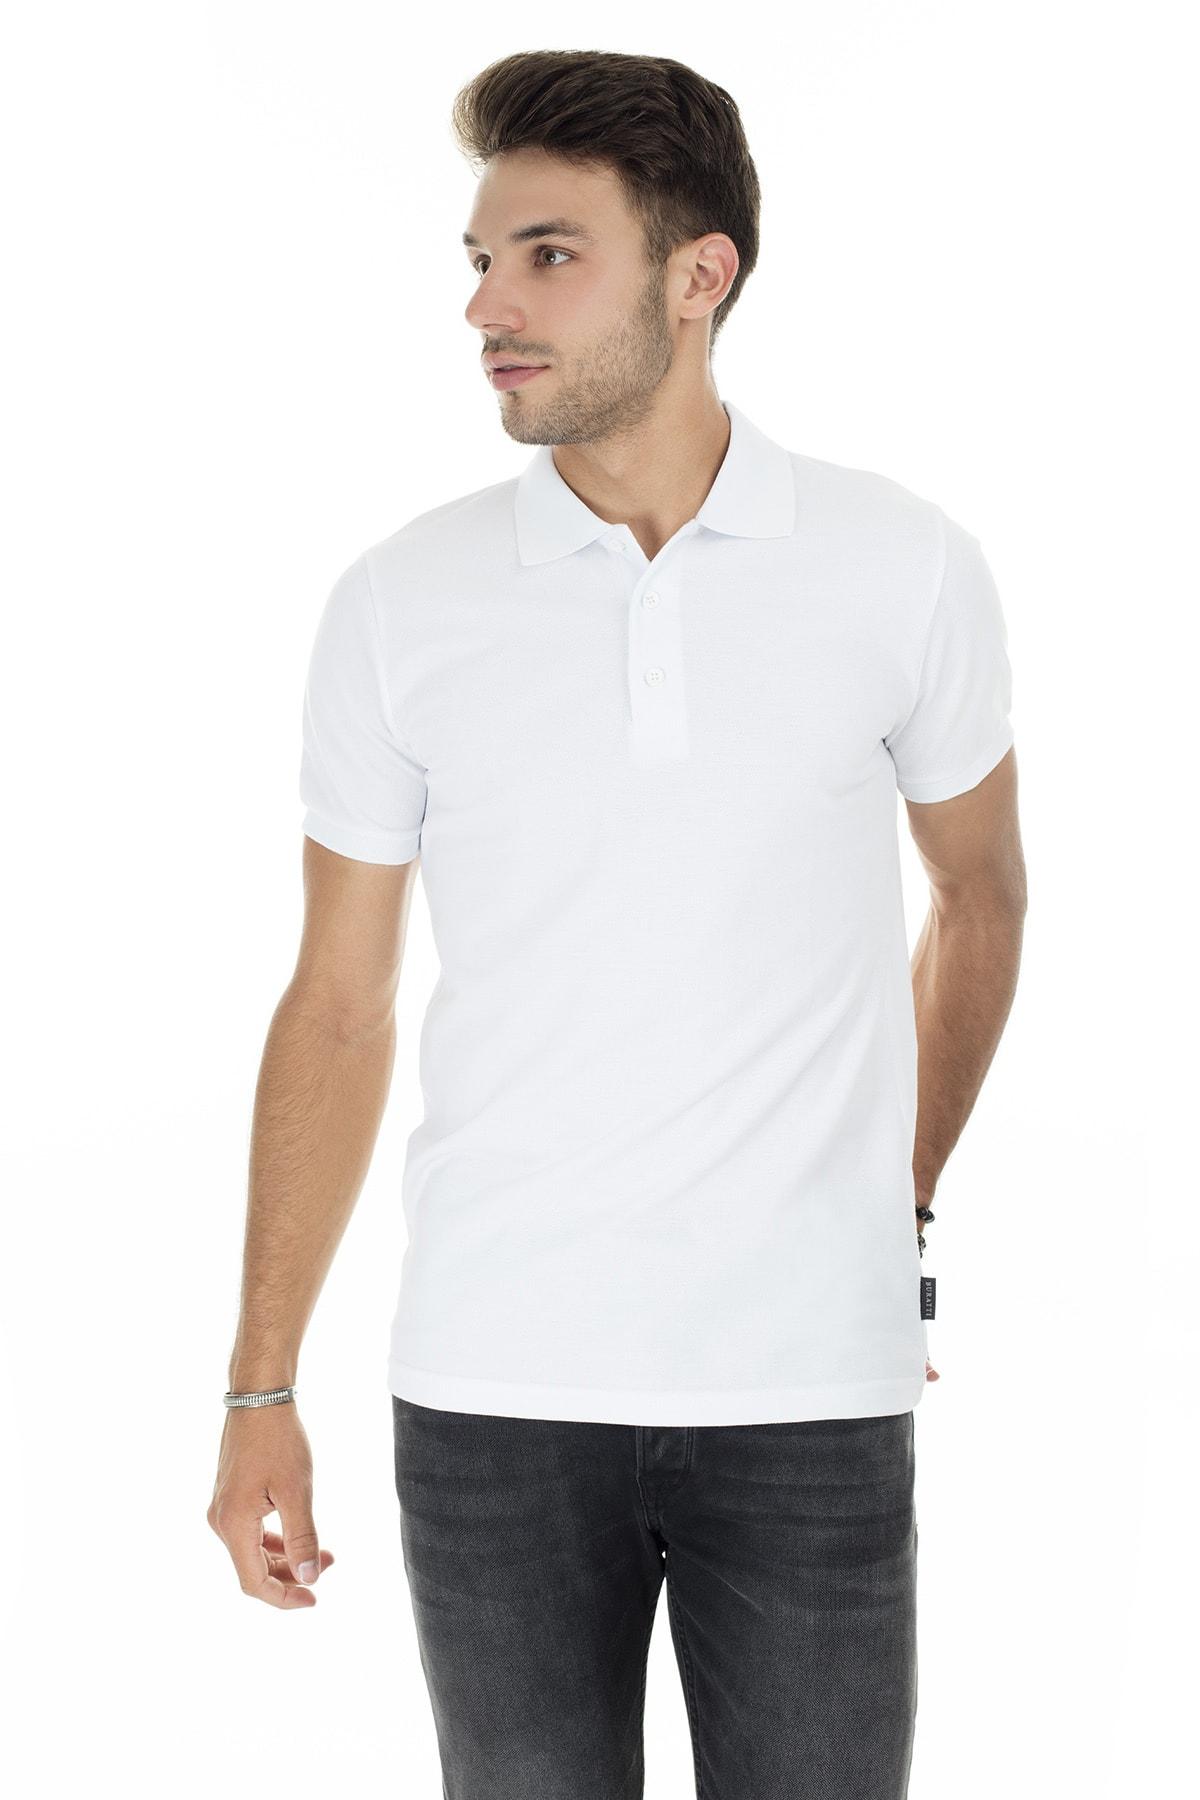 Buratti Erkek Beyaz Düğmeli Polo Yaka Pamuklu Günlük T Shirt 4362050 3